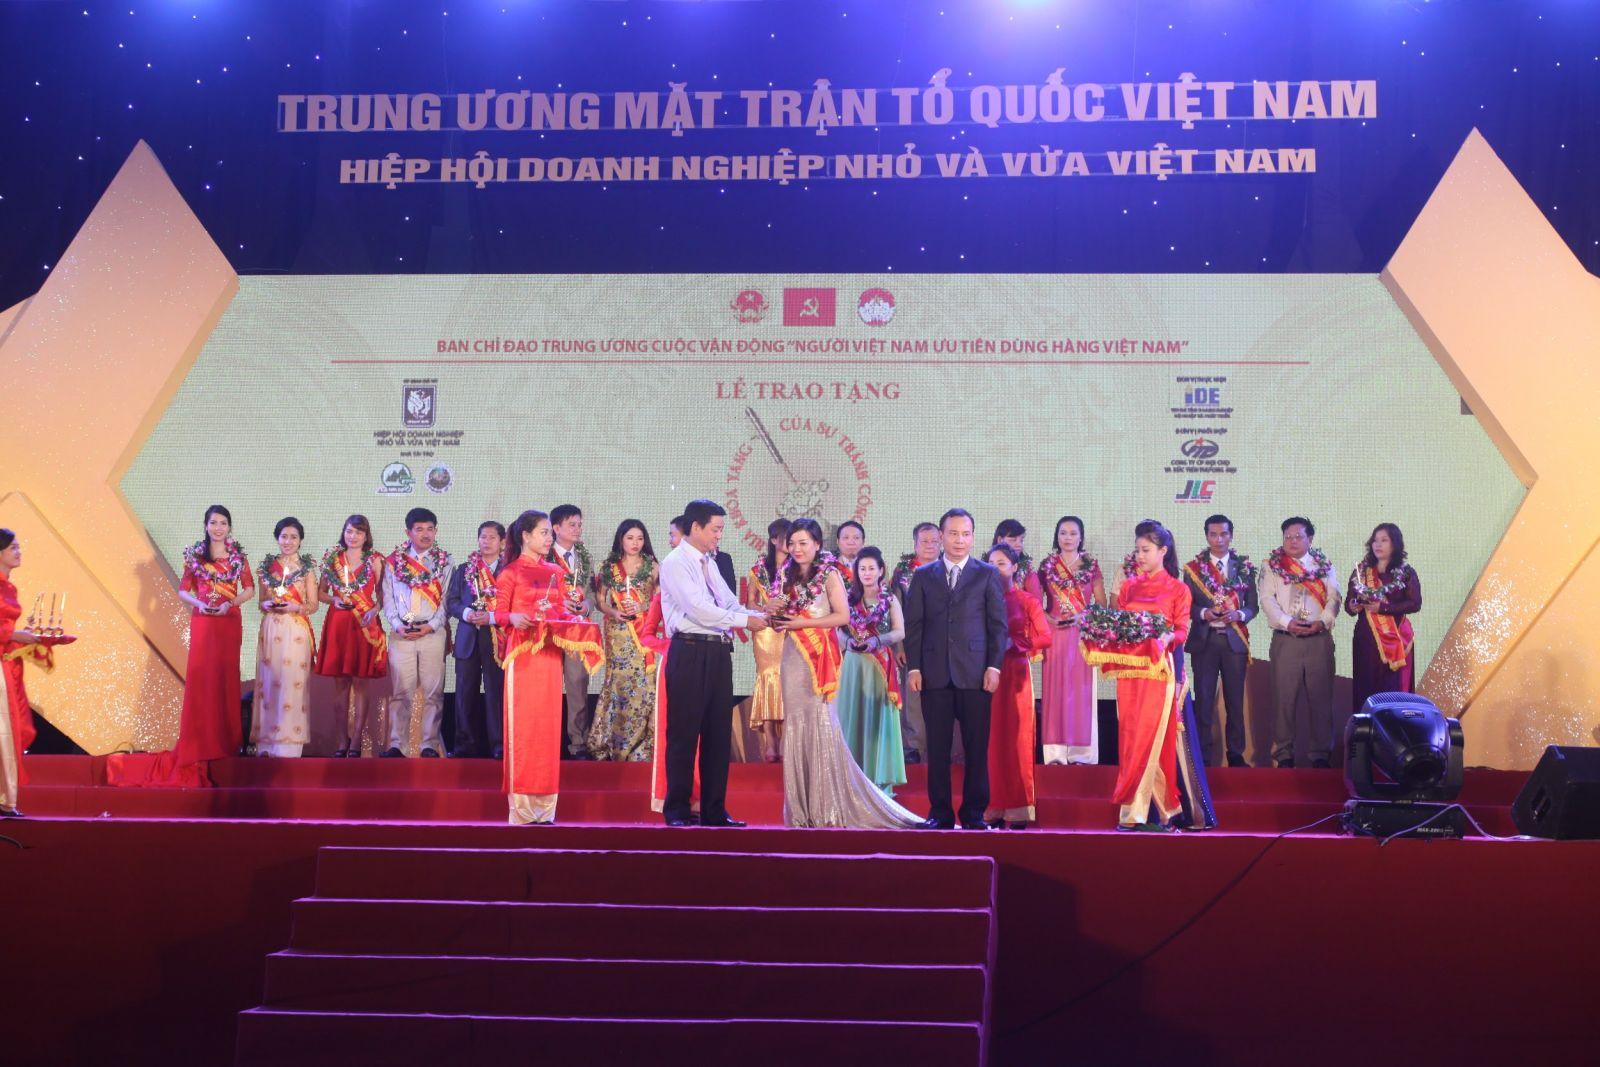 """Thương hiệu Tatu Luxury vinh danh trong trong cuộc vận động """"Người Việt Nam ưu tiên tiêu dùng hàng Việt Nam"""""""